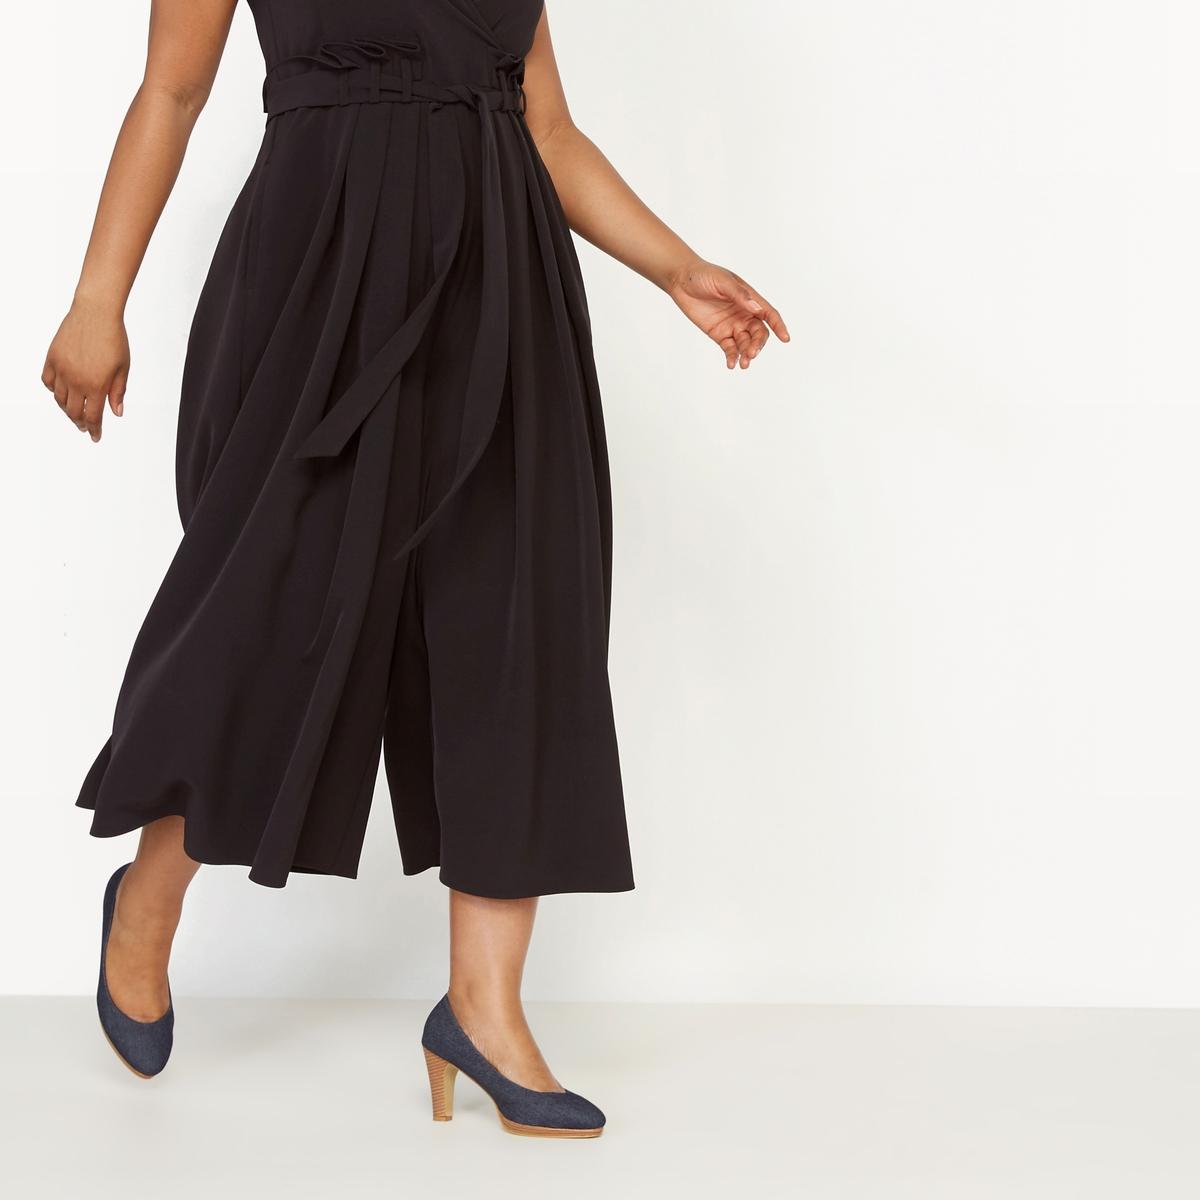 Комбинезон с брюками без рукавовСостав и описание :Материал : струящаяся ткань,88% полиэстера, 12% эластана.Длина по внутр.шву 53 см, ширина по низу 67 см.Марка : CASTALUNAУход : Машинная стирка при 30 °С.<br><br>Цвет: черный